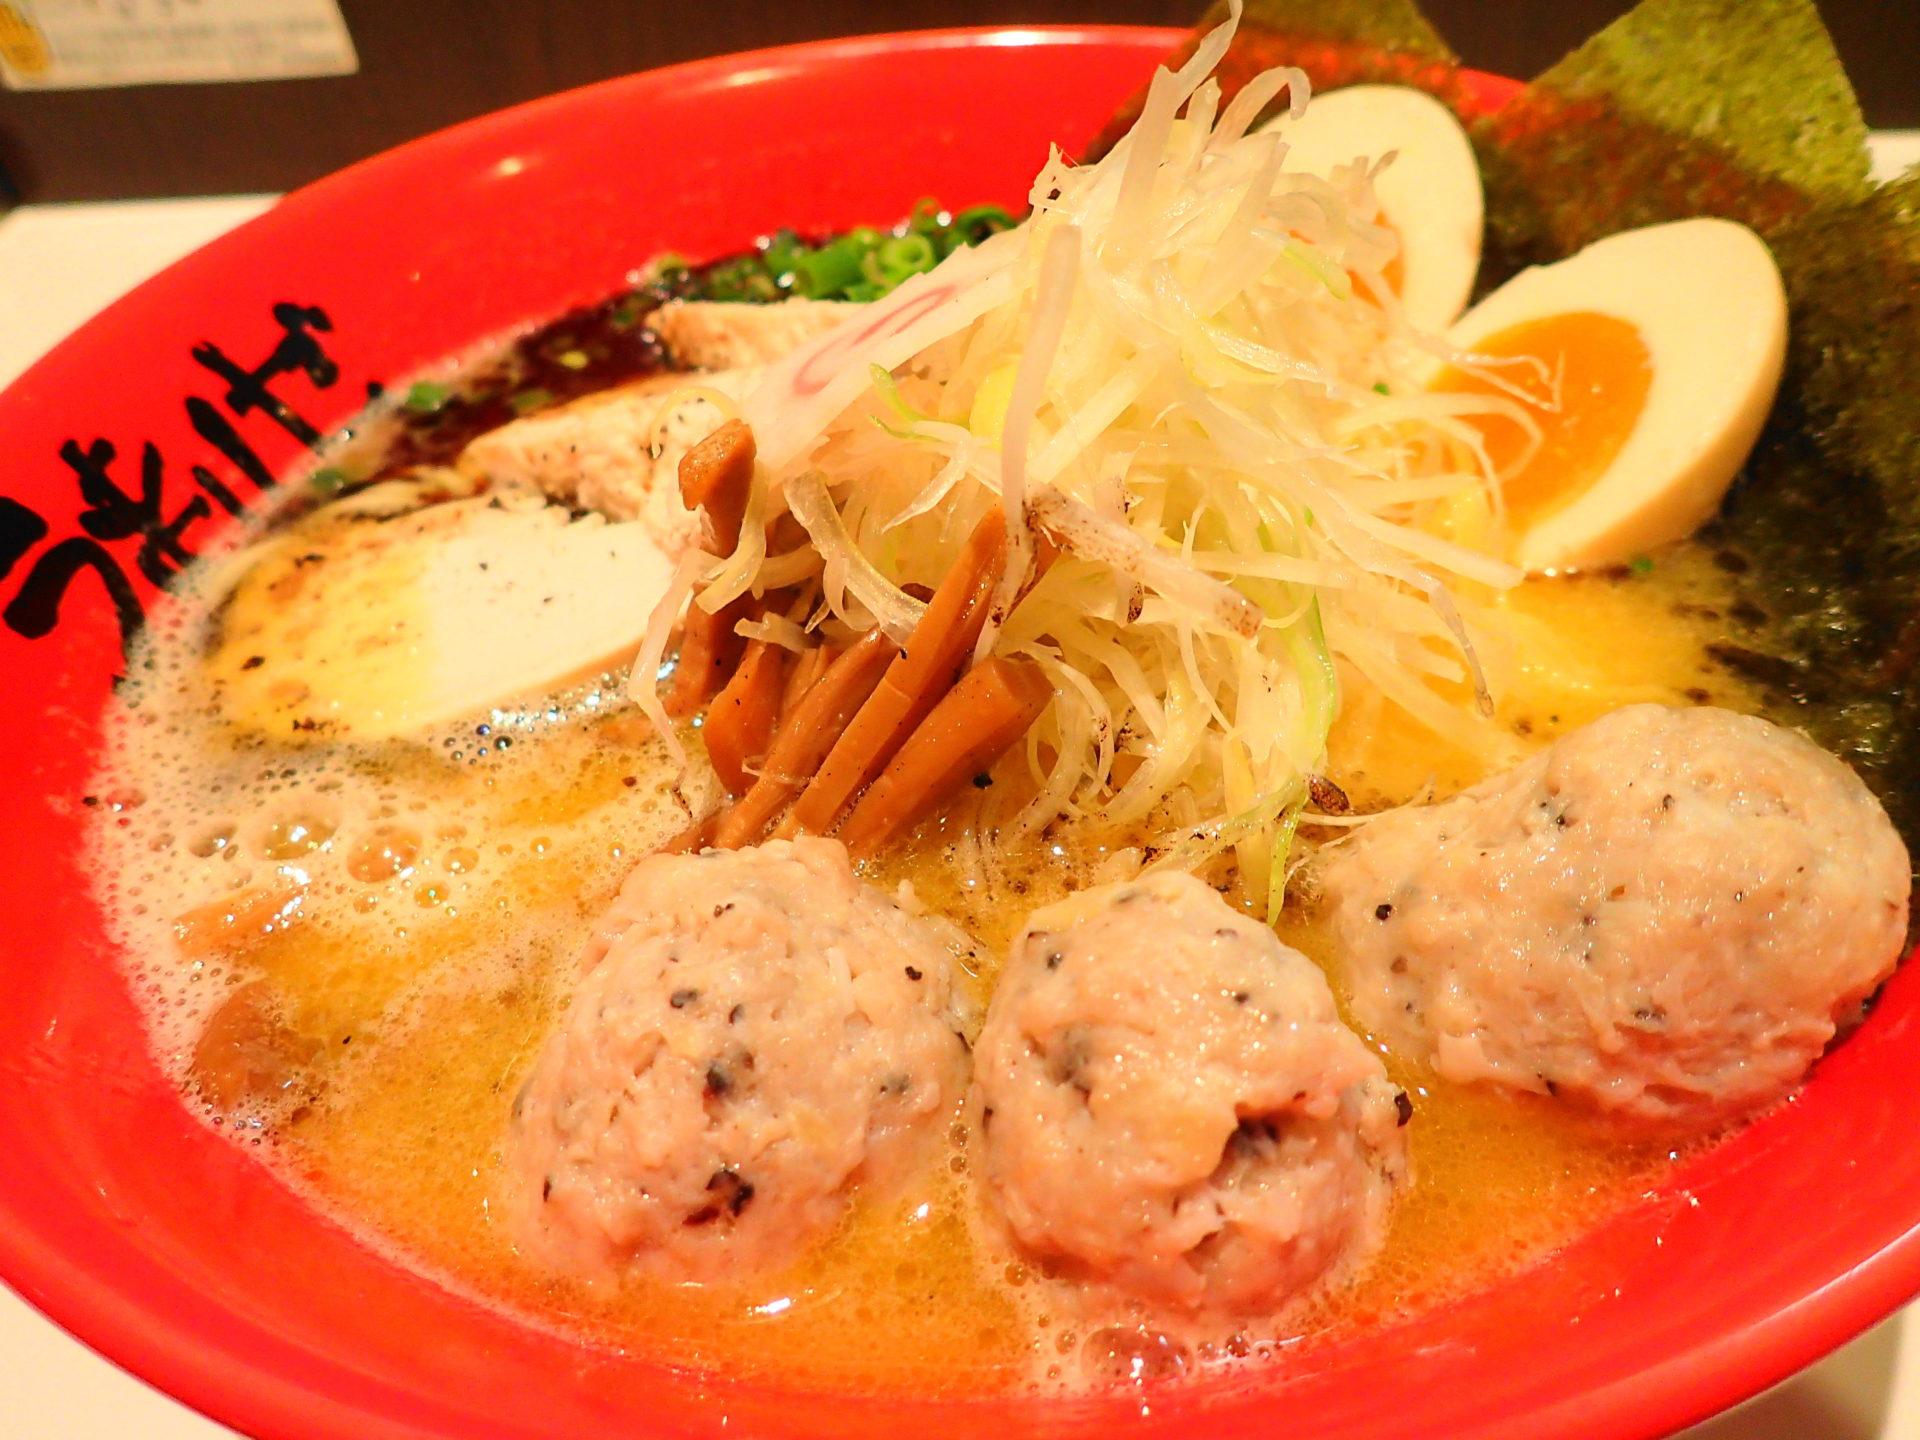 茨城>ラーメン アーカイブ - いばらじお♪ 茨城県内のラーメンを実食レポ